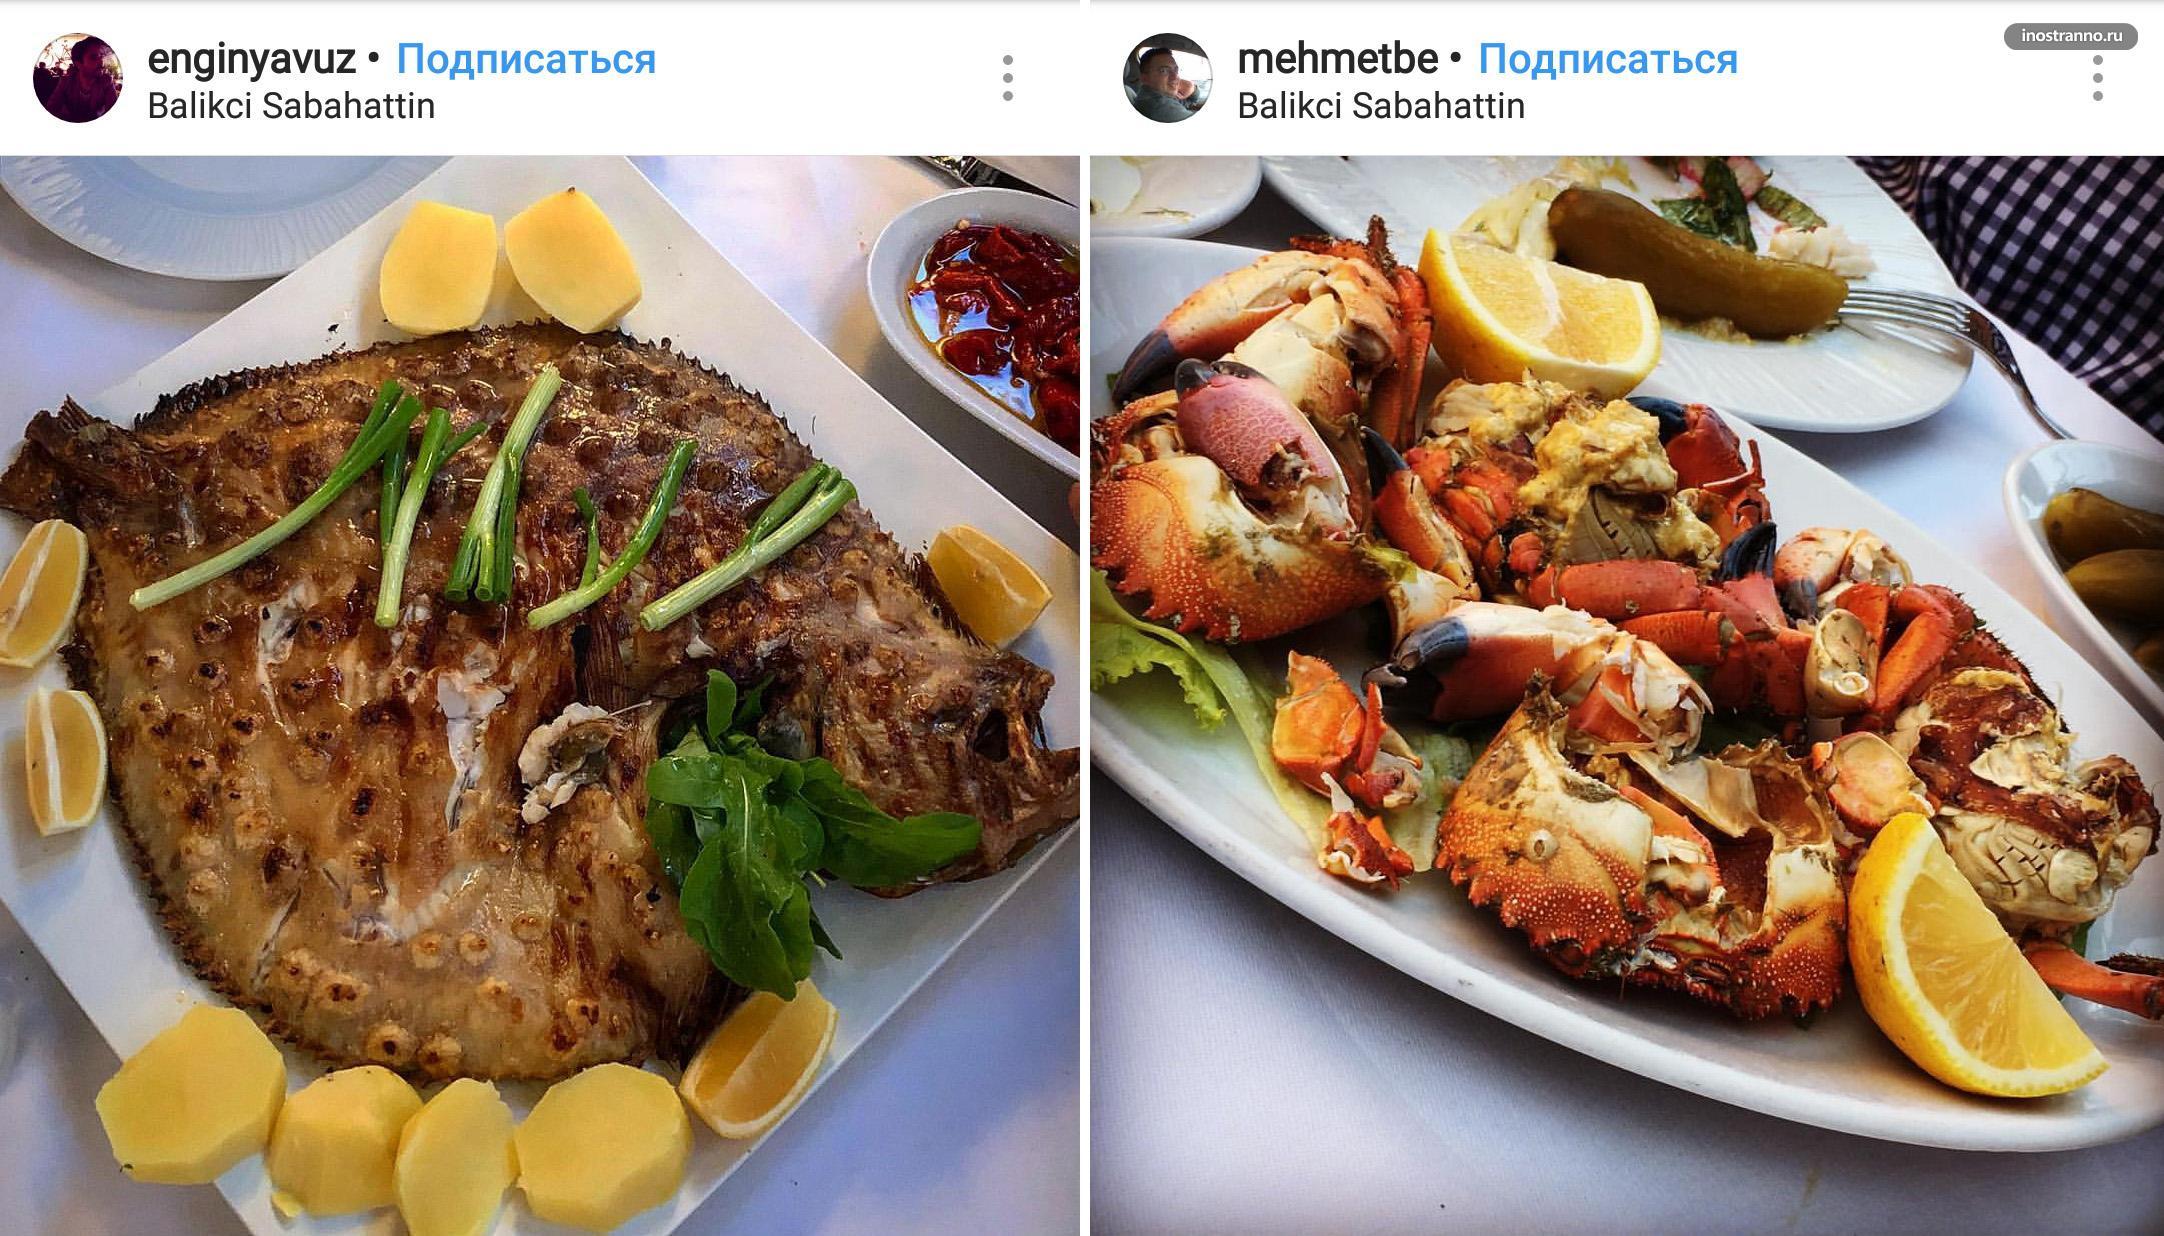 Balikci Sabahattin романтичный рыбный ресторан в Стамбуле